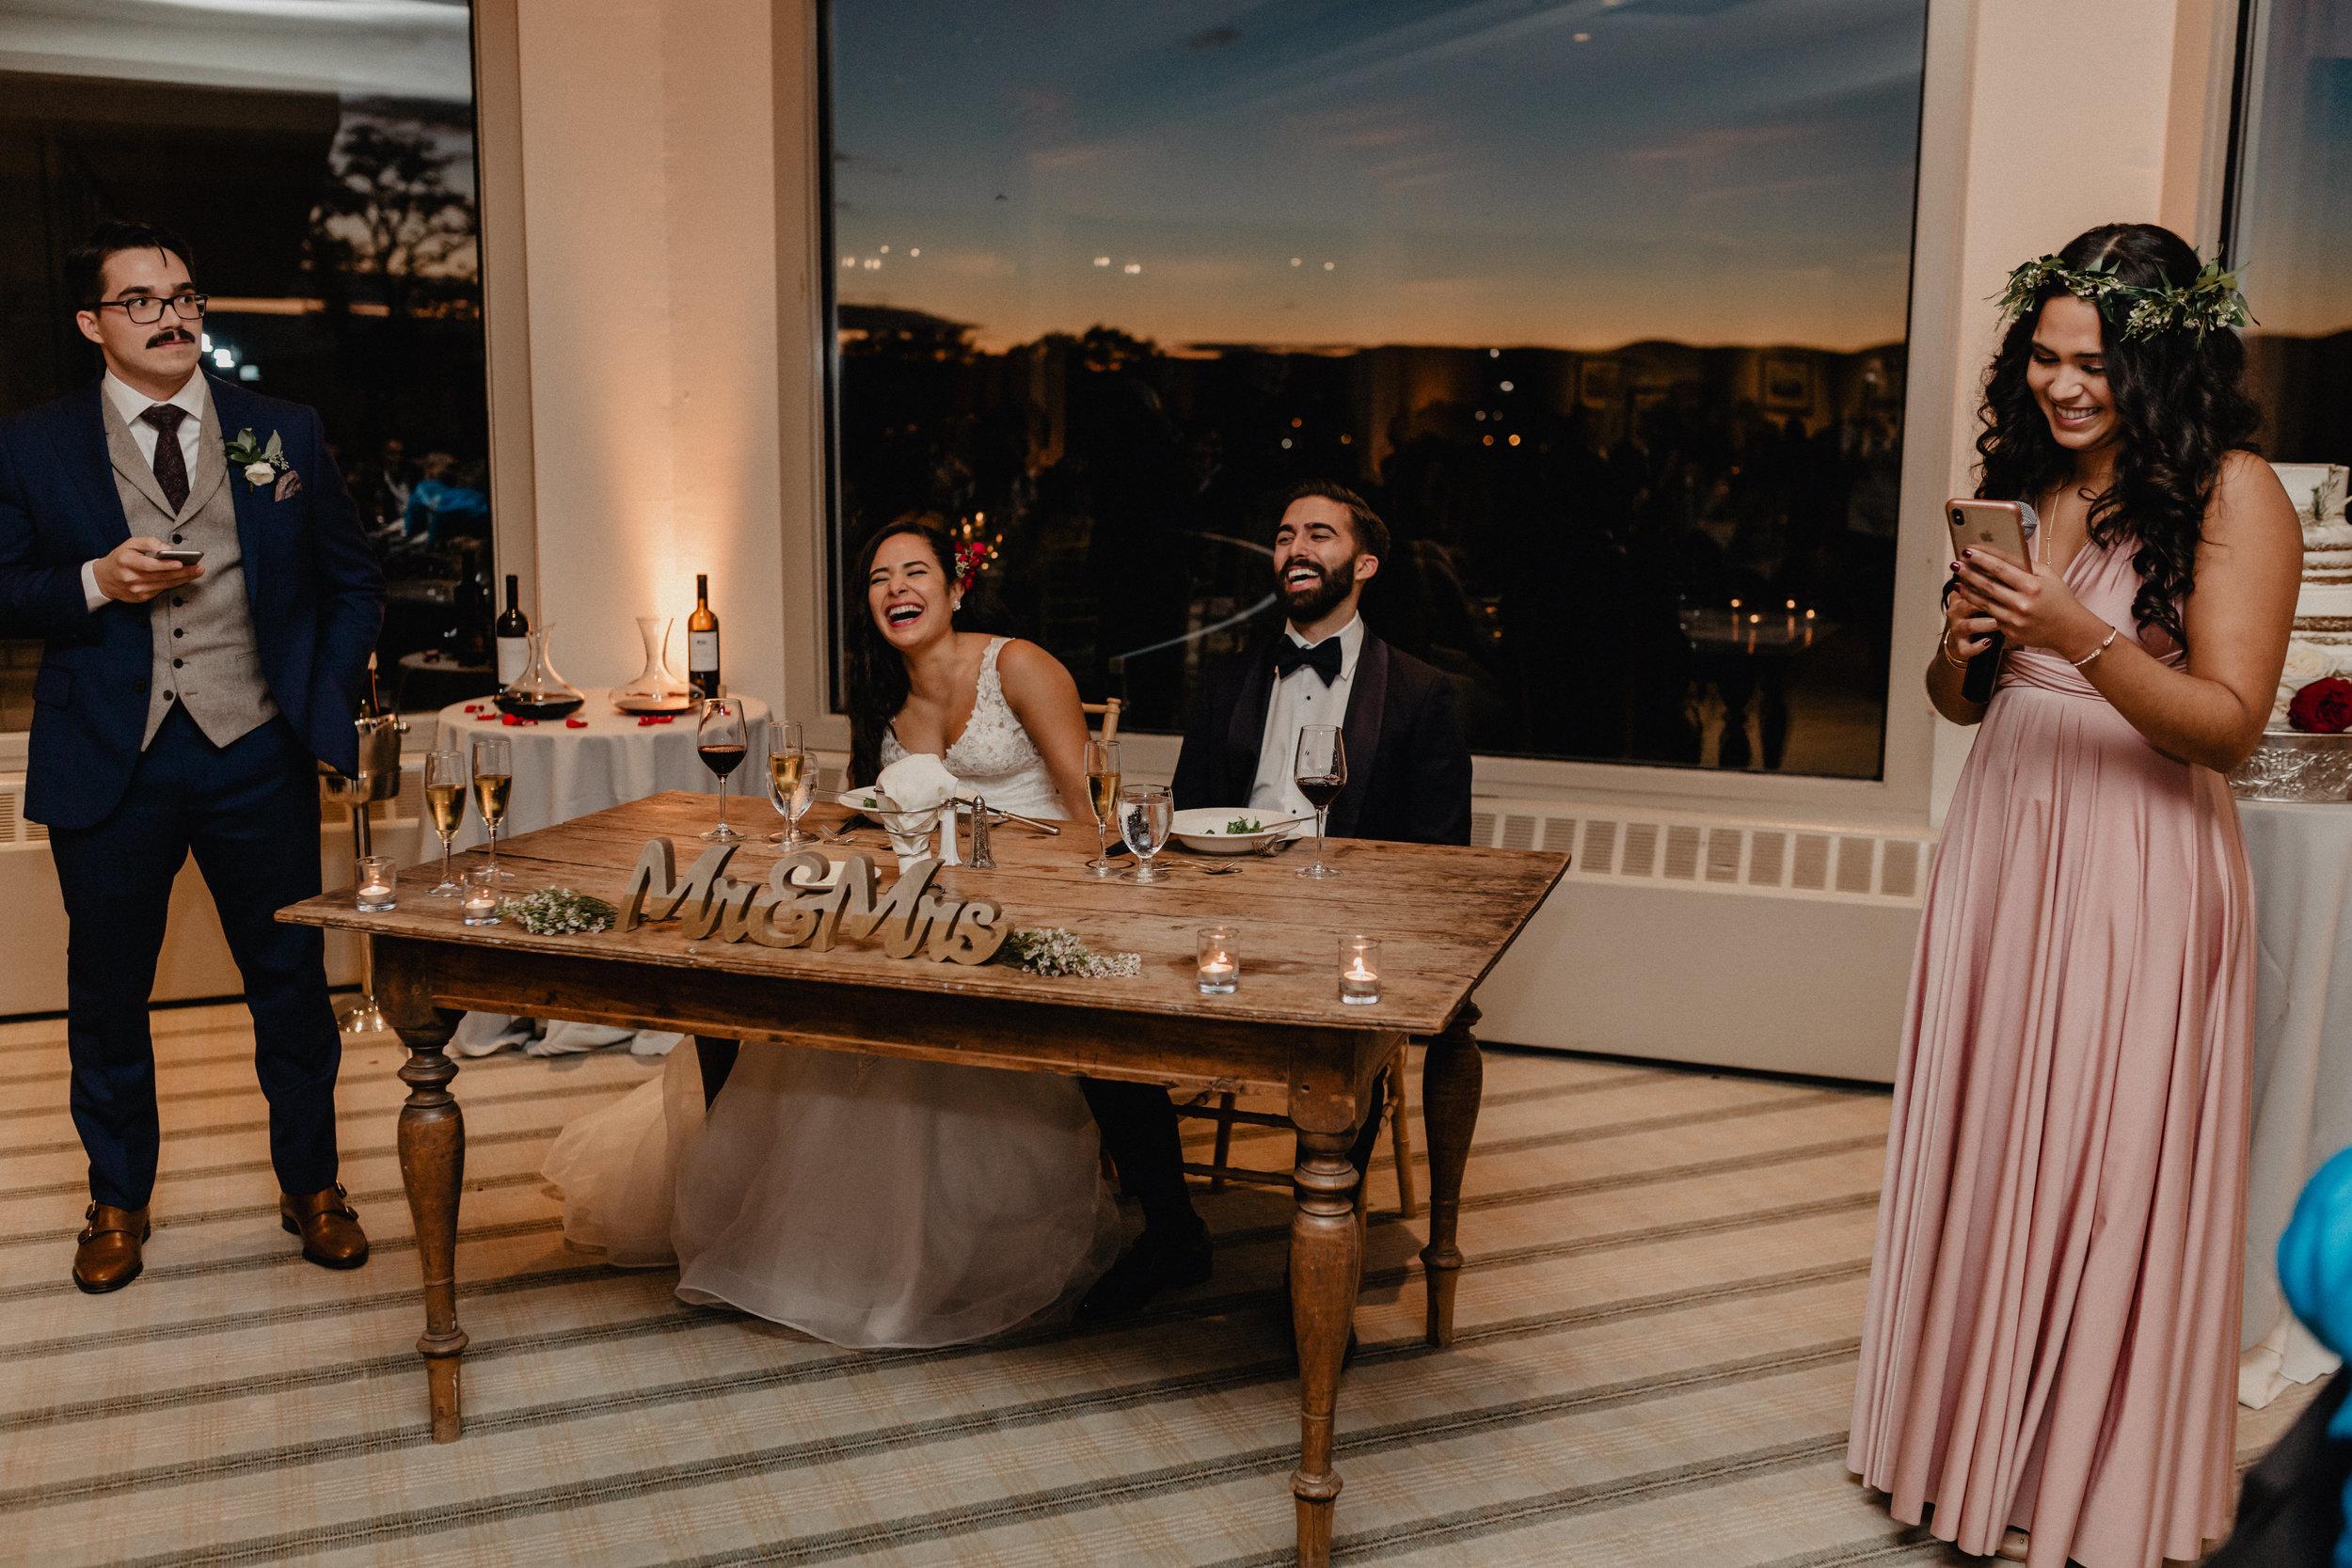 garrison_wedding_photos_089.jpg